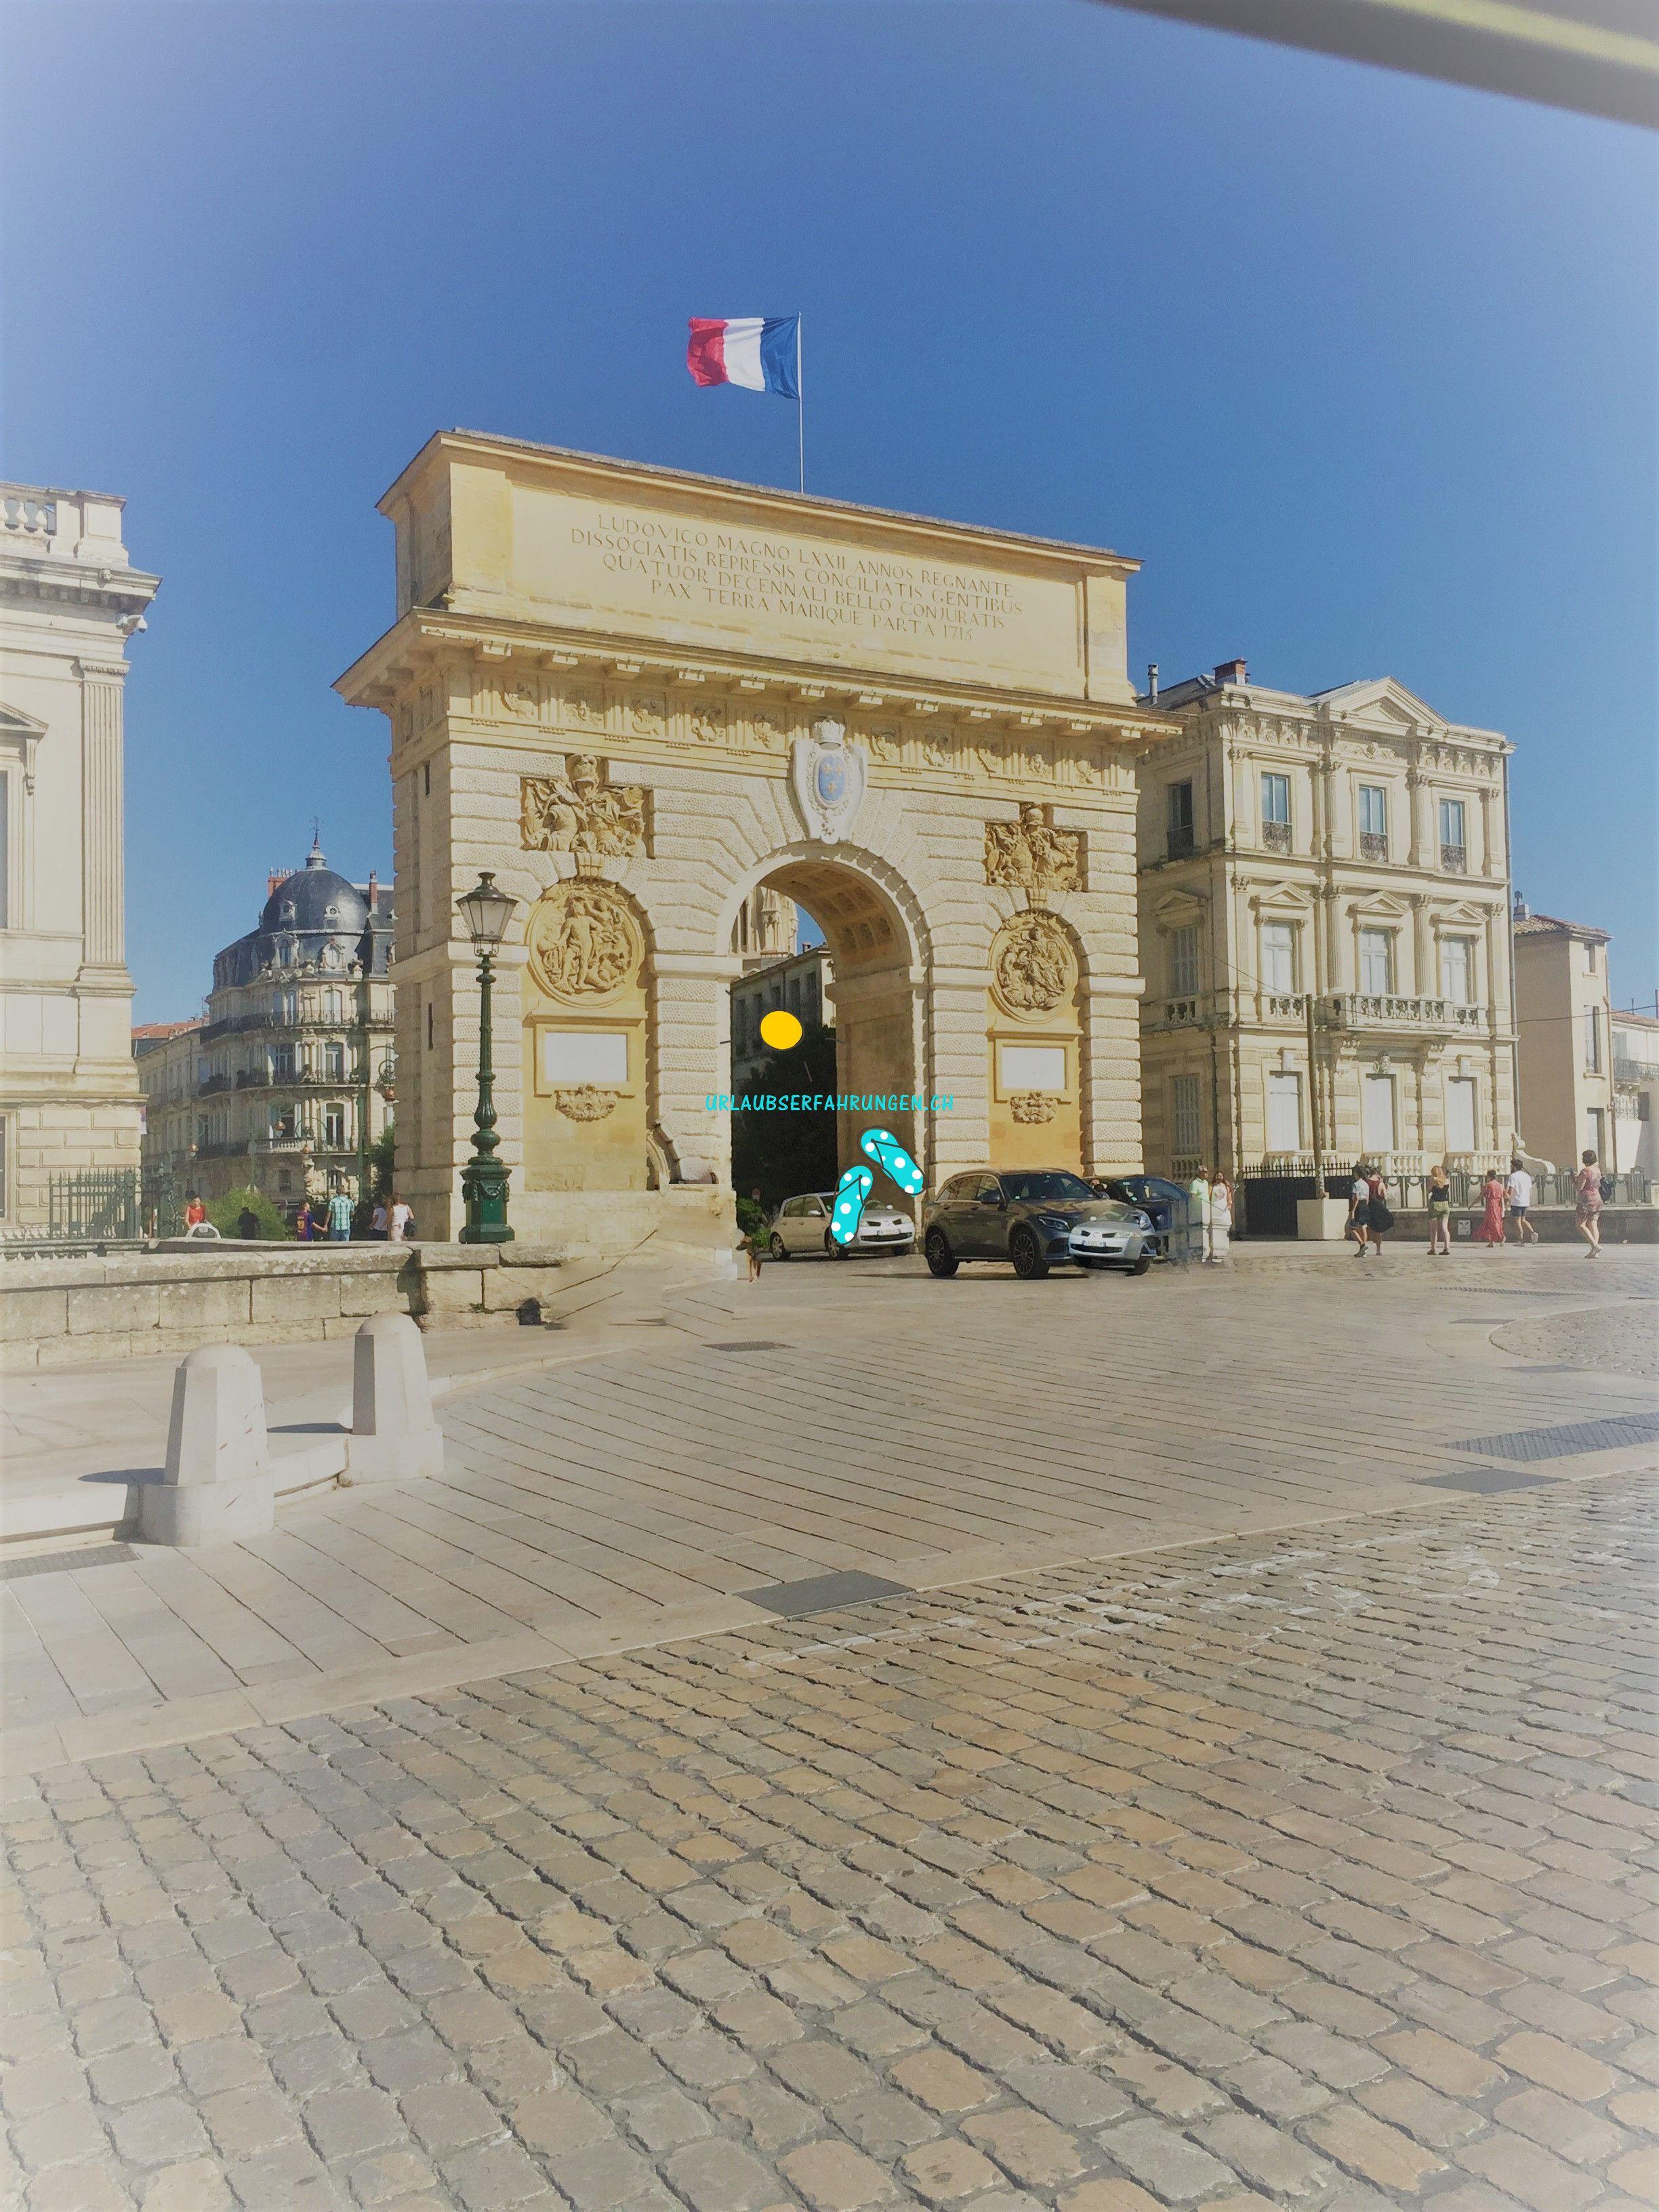 Reisebericht aus Montpellier